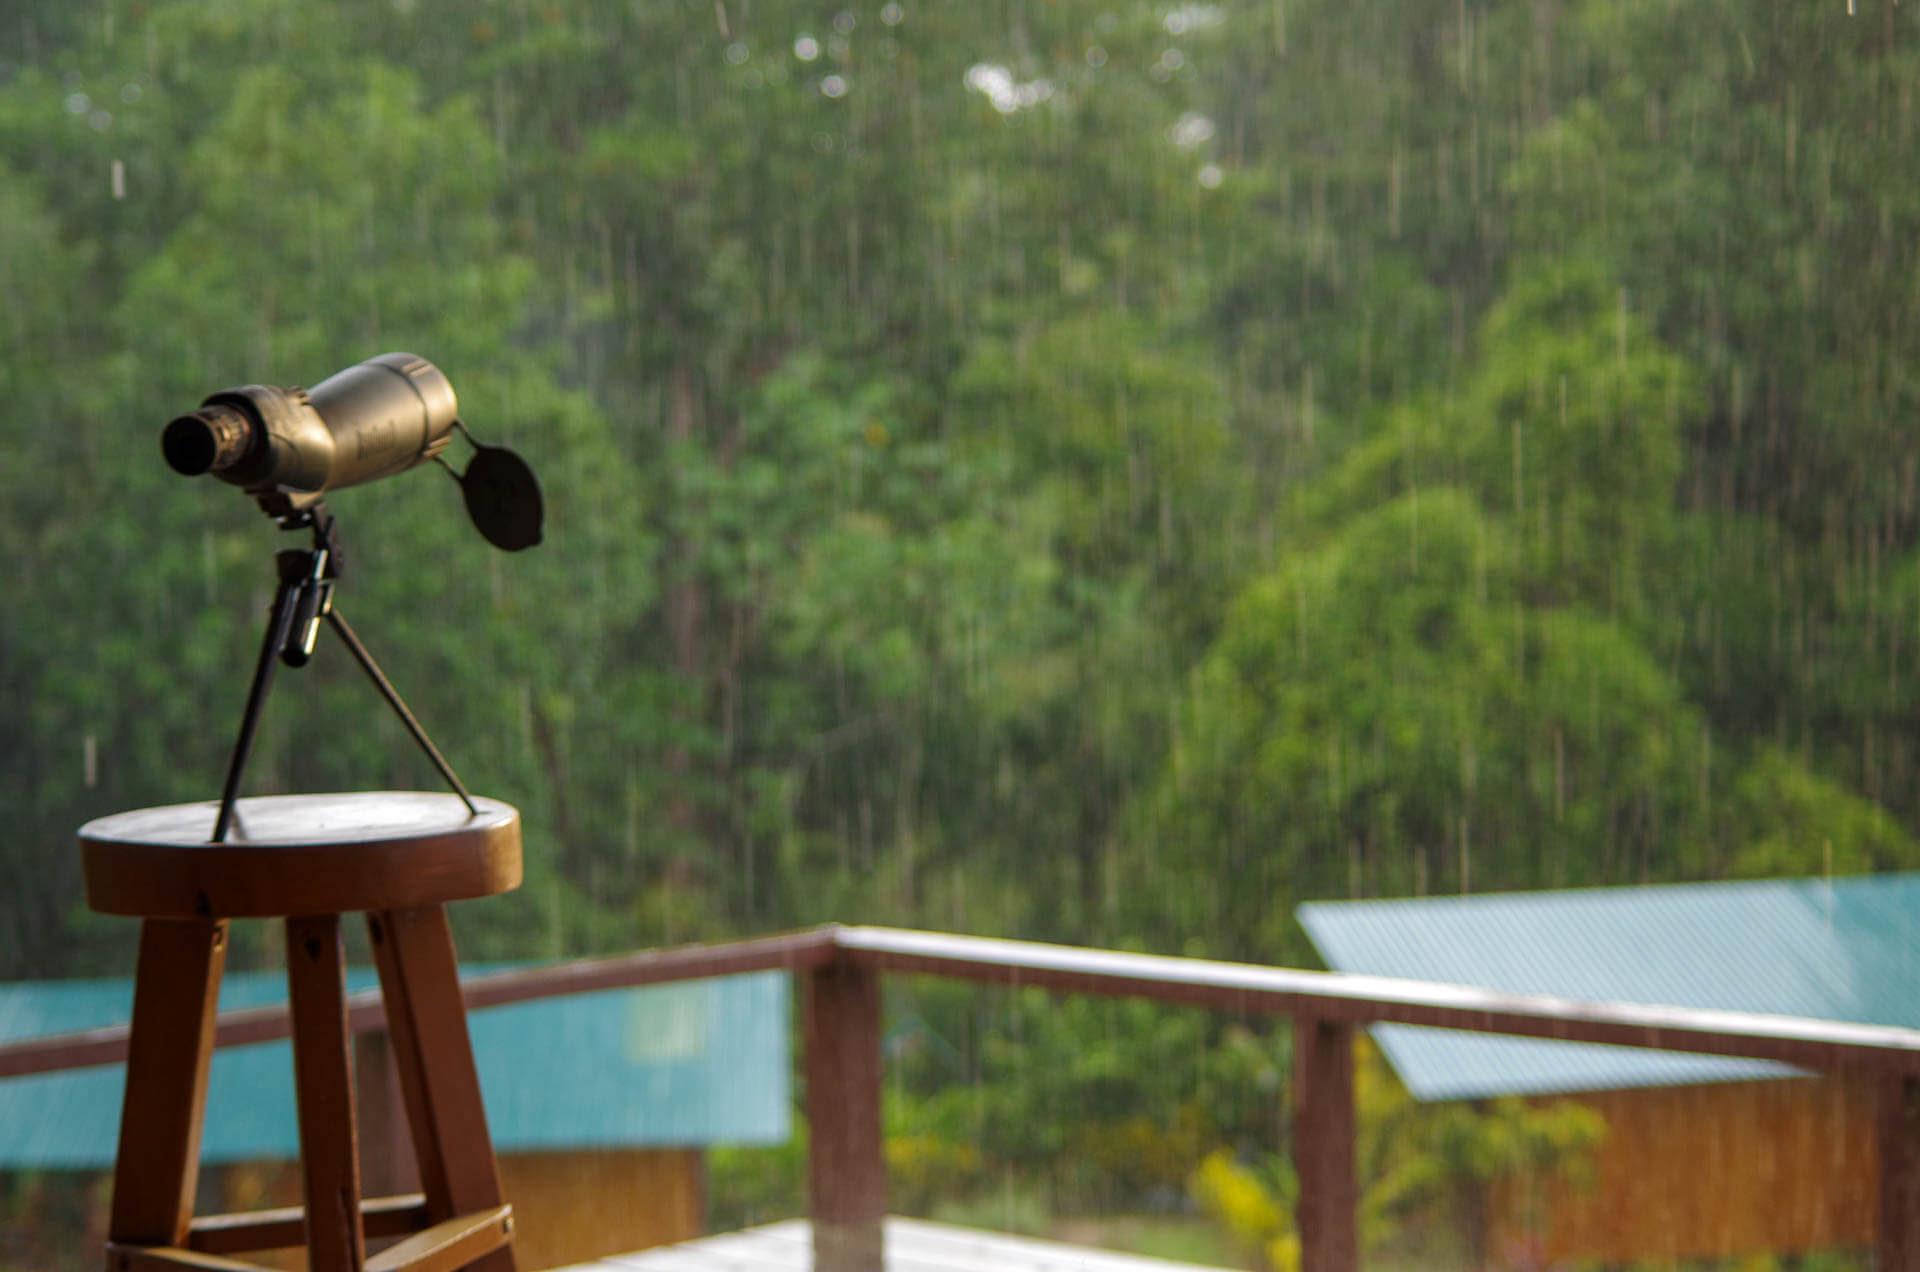 guide scope in rain